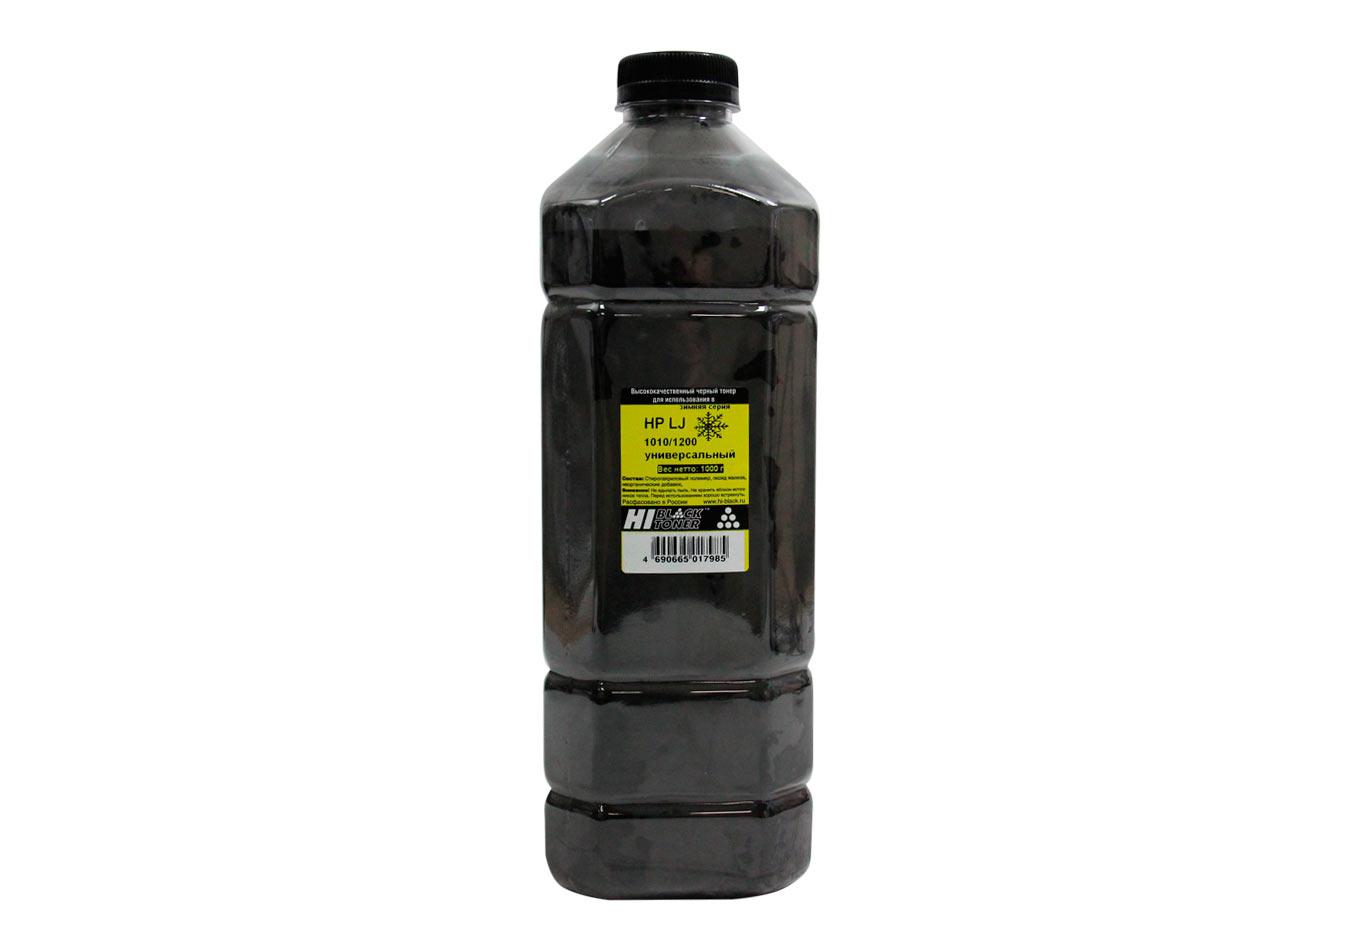 Тонер Hi-Black Универсальный для HP LJ 1010/1200, Зимняя серия, Bk, 1 кг, канистра